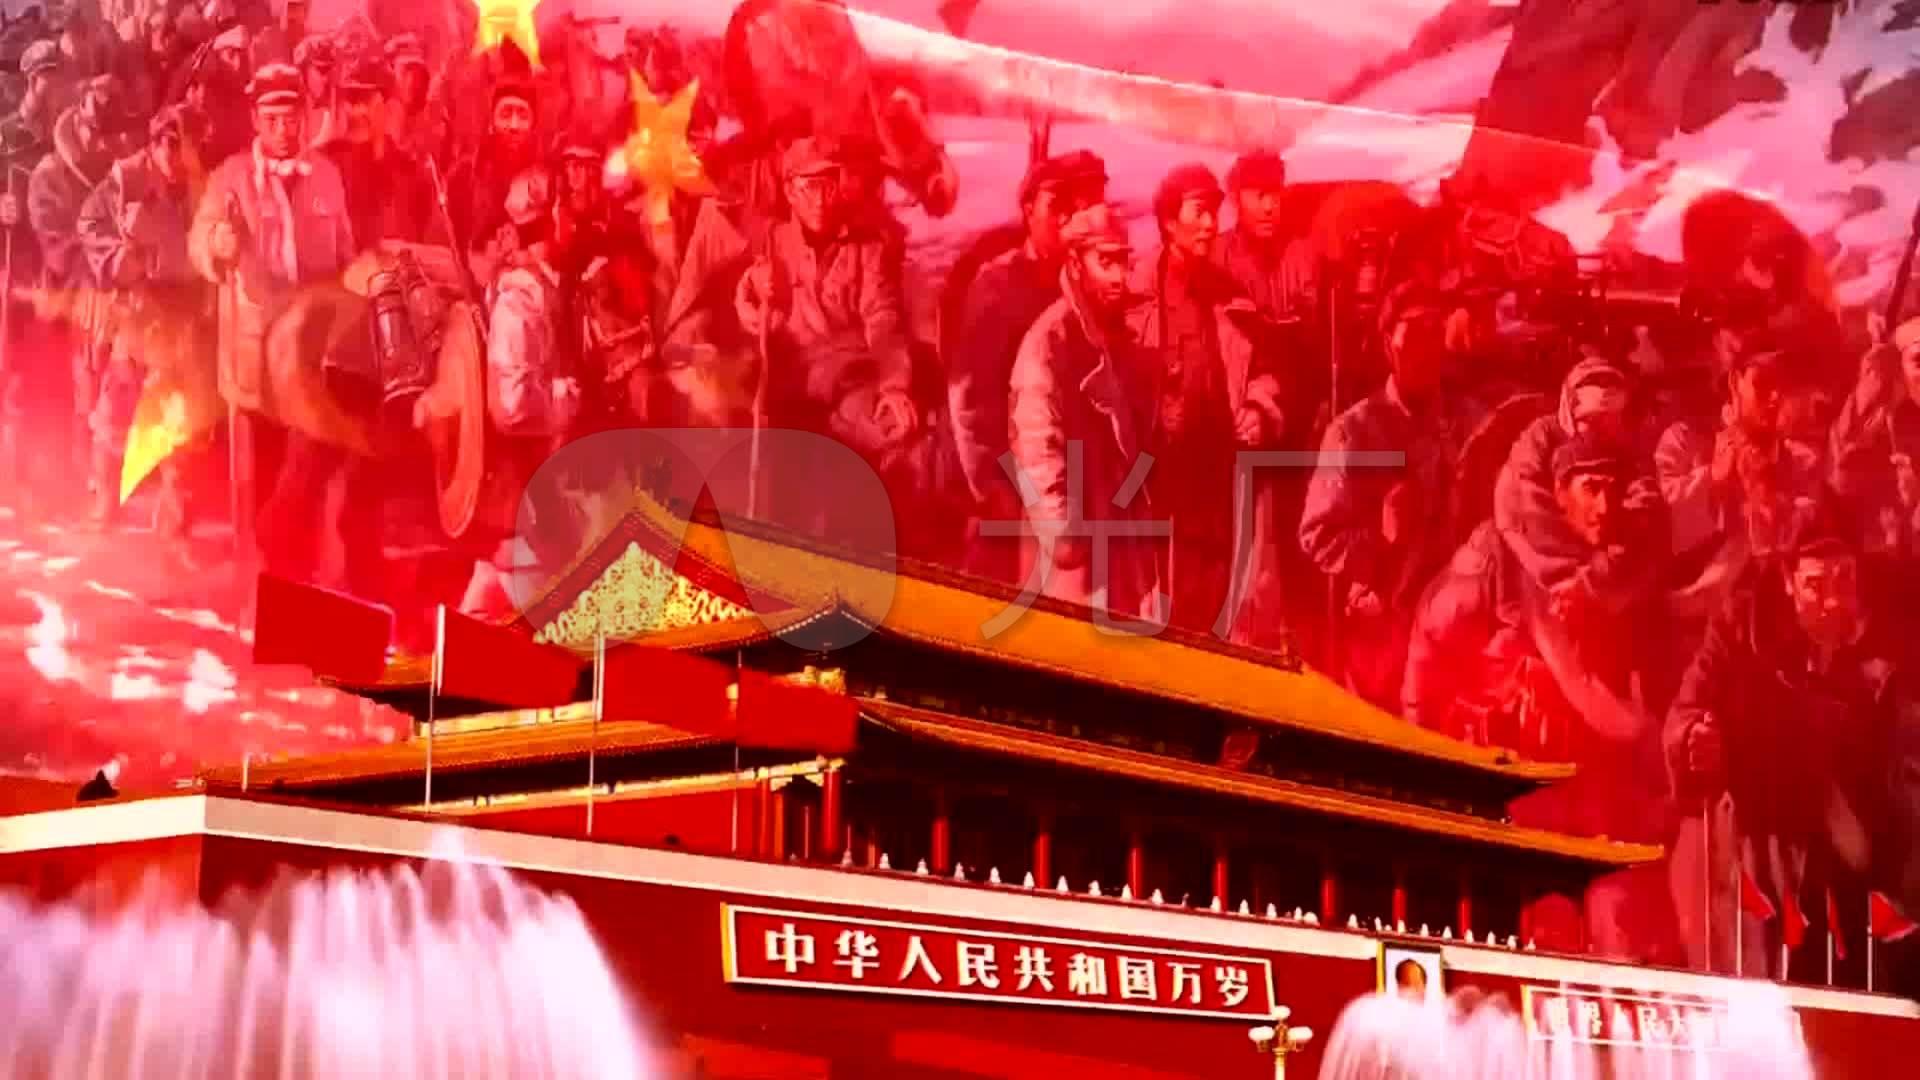 红军万里长征五星红旗飘扬